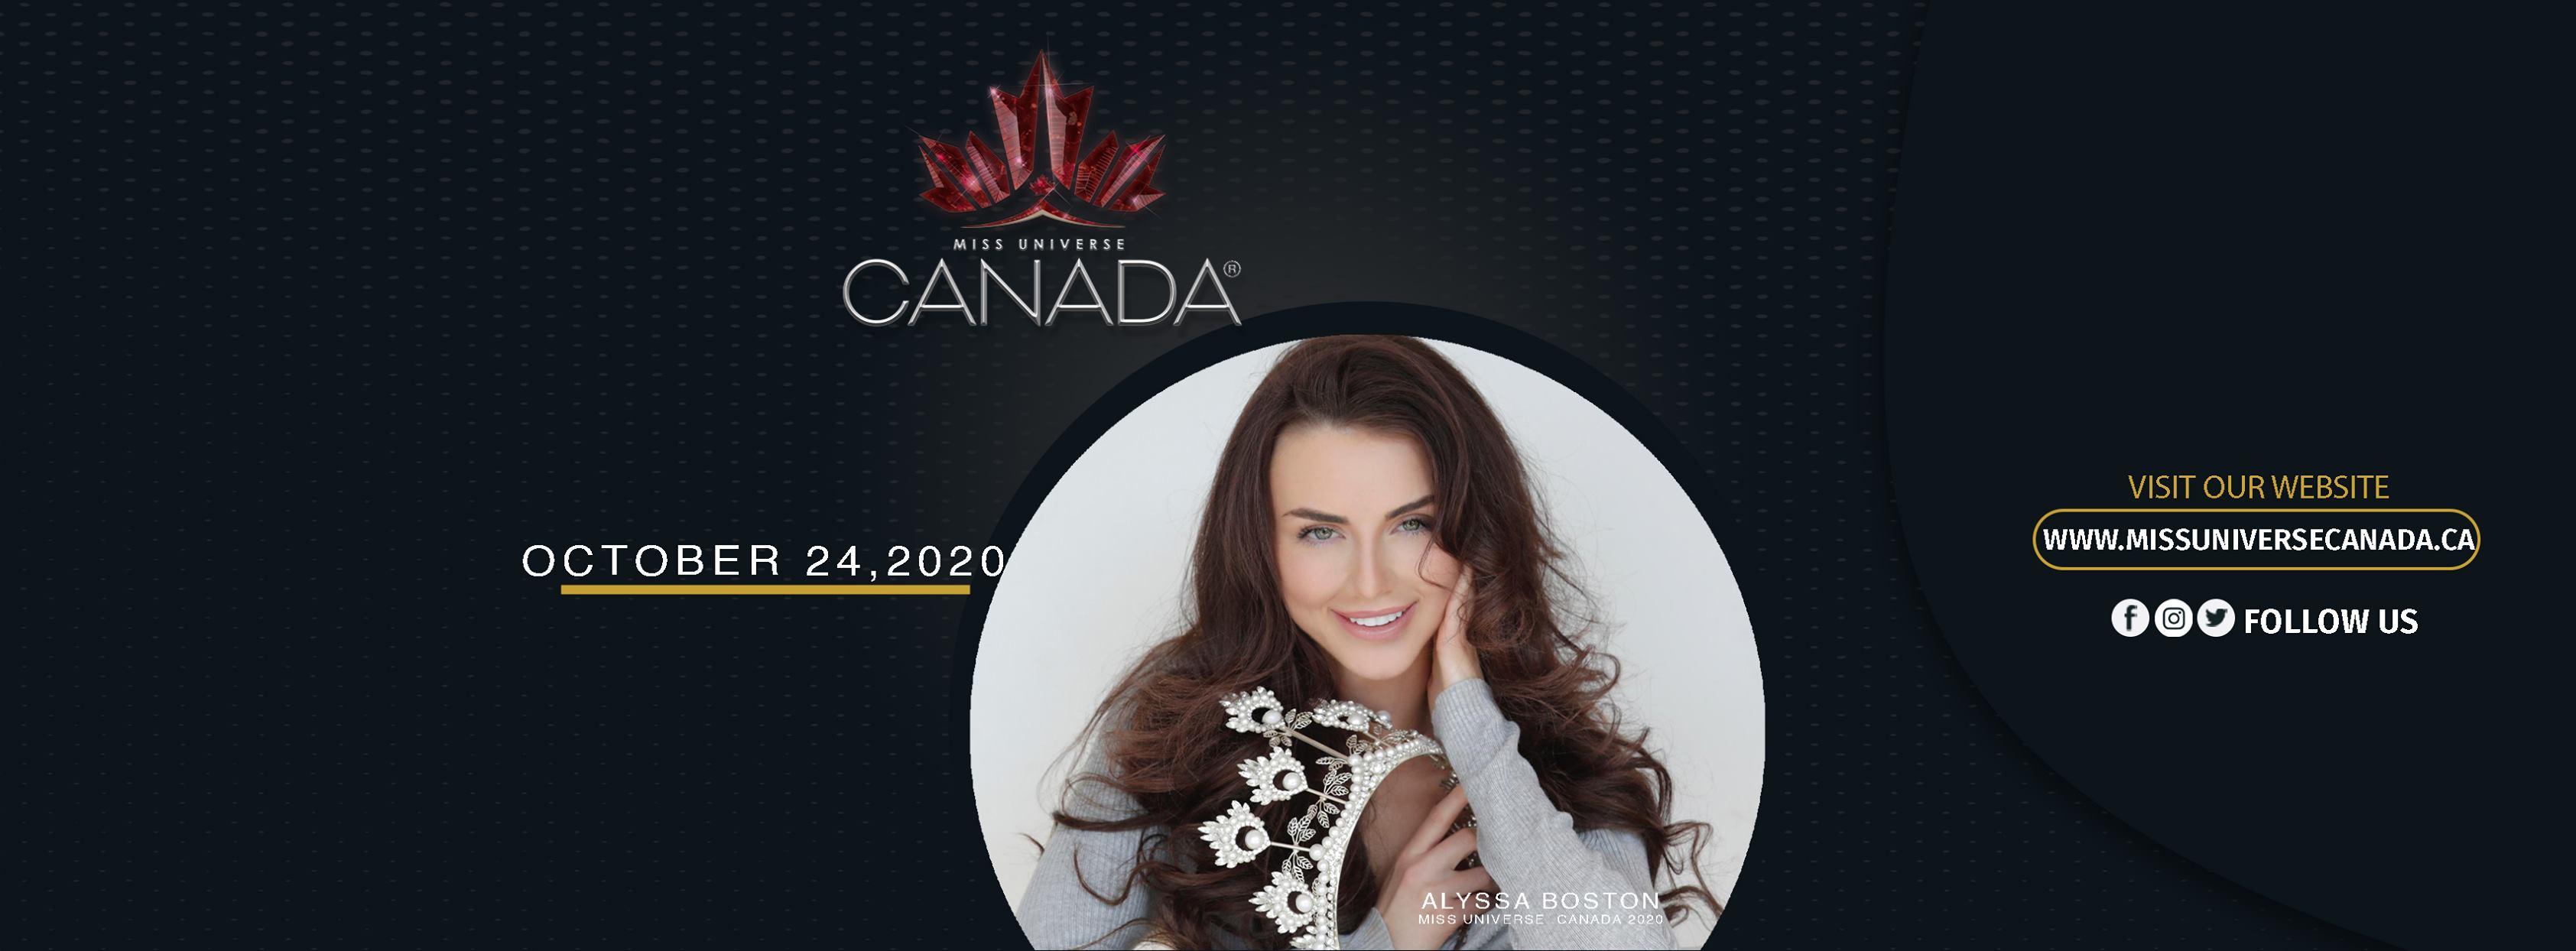 candidatas a miss universe canada 2020. final: 24 oct. - Página 4 UXP2mM